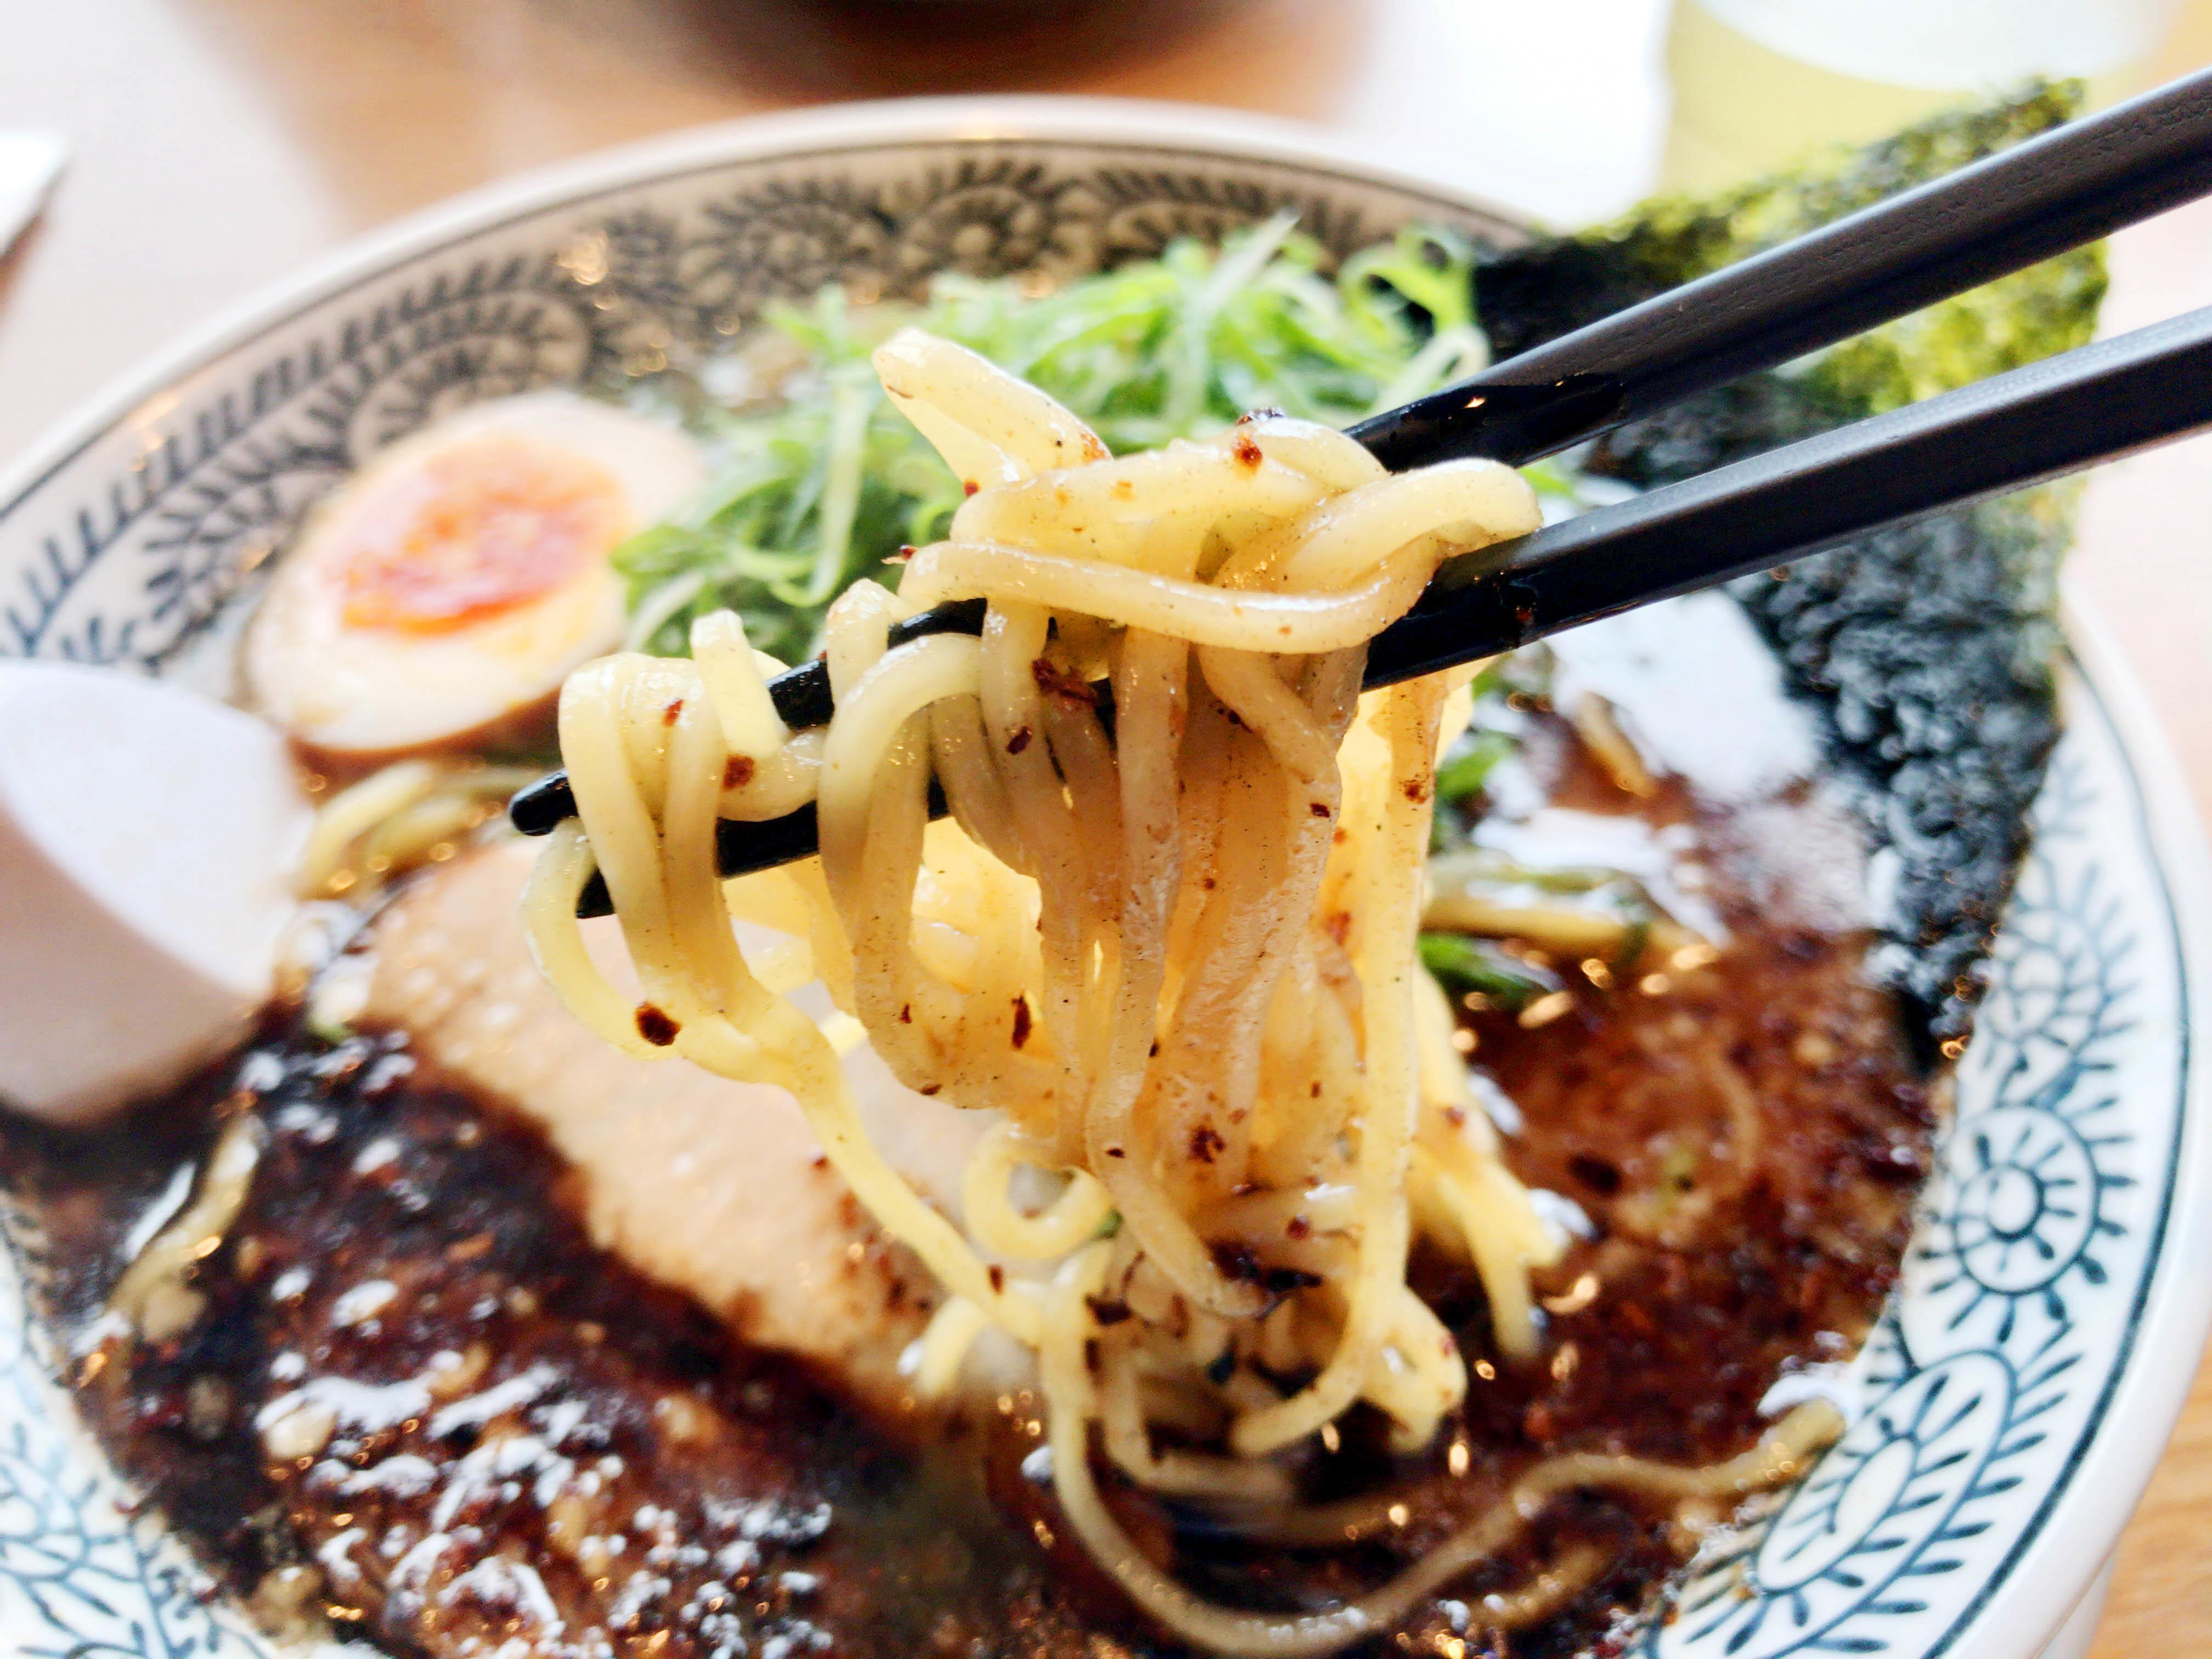 黒とんこつラーメン ドッカンねぎ入り 810円(税抜) 麺リフト